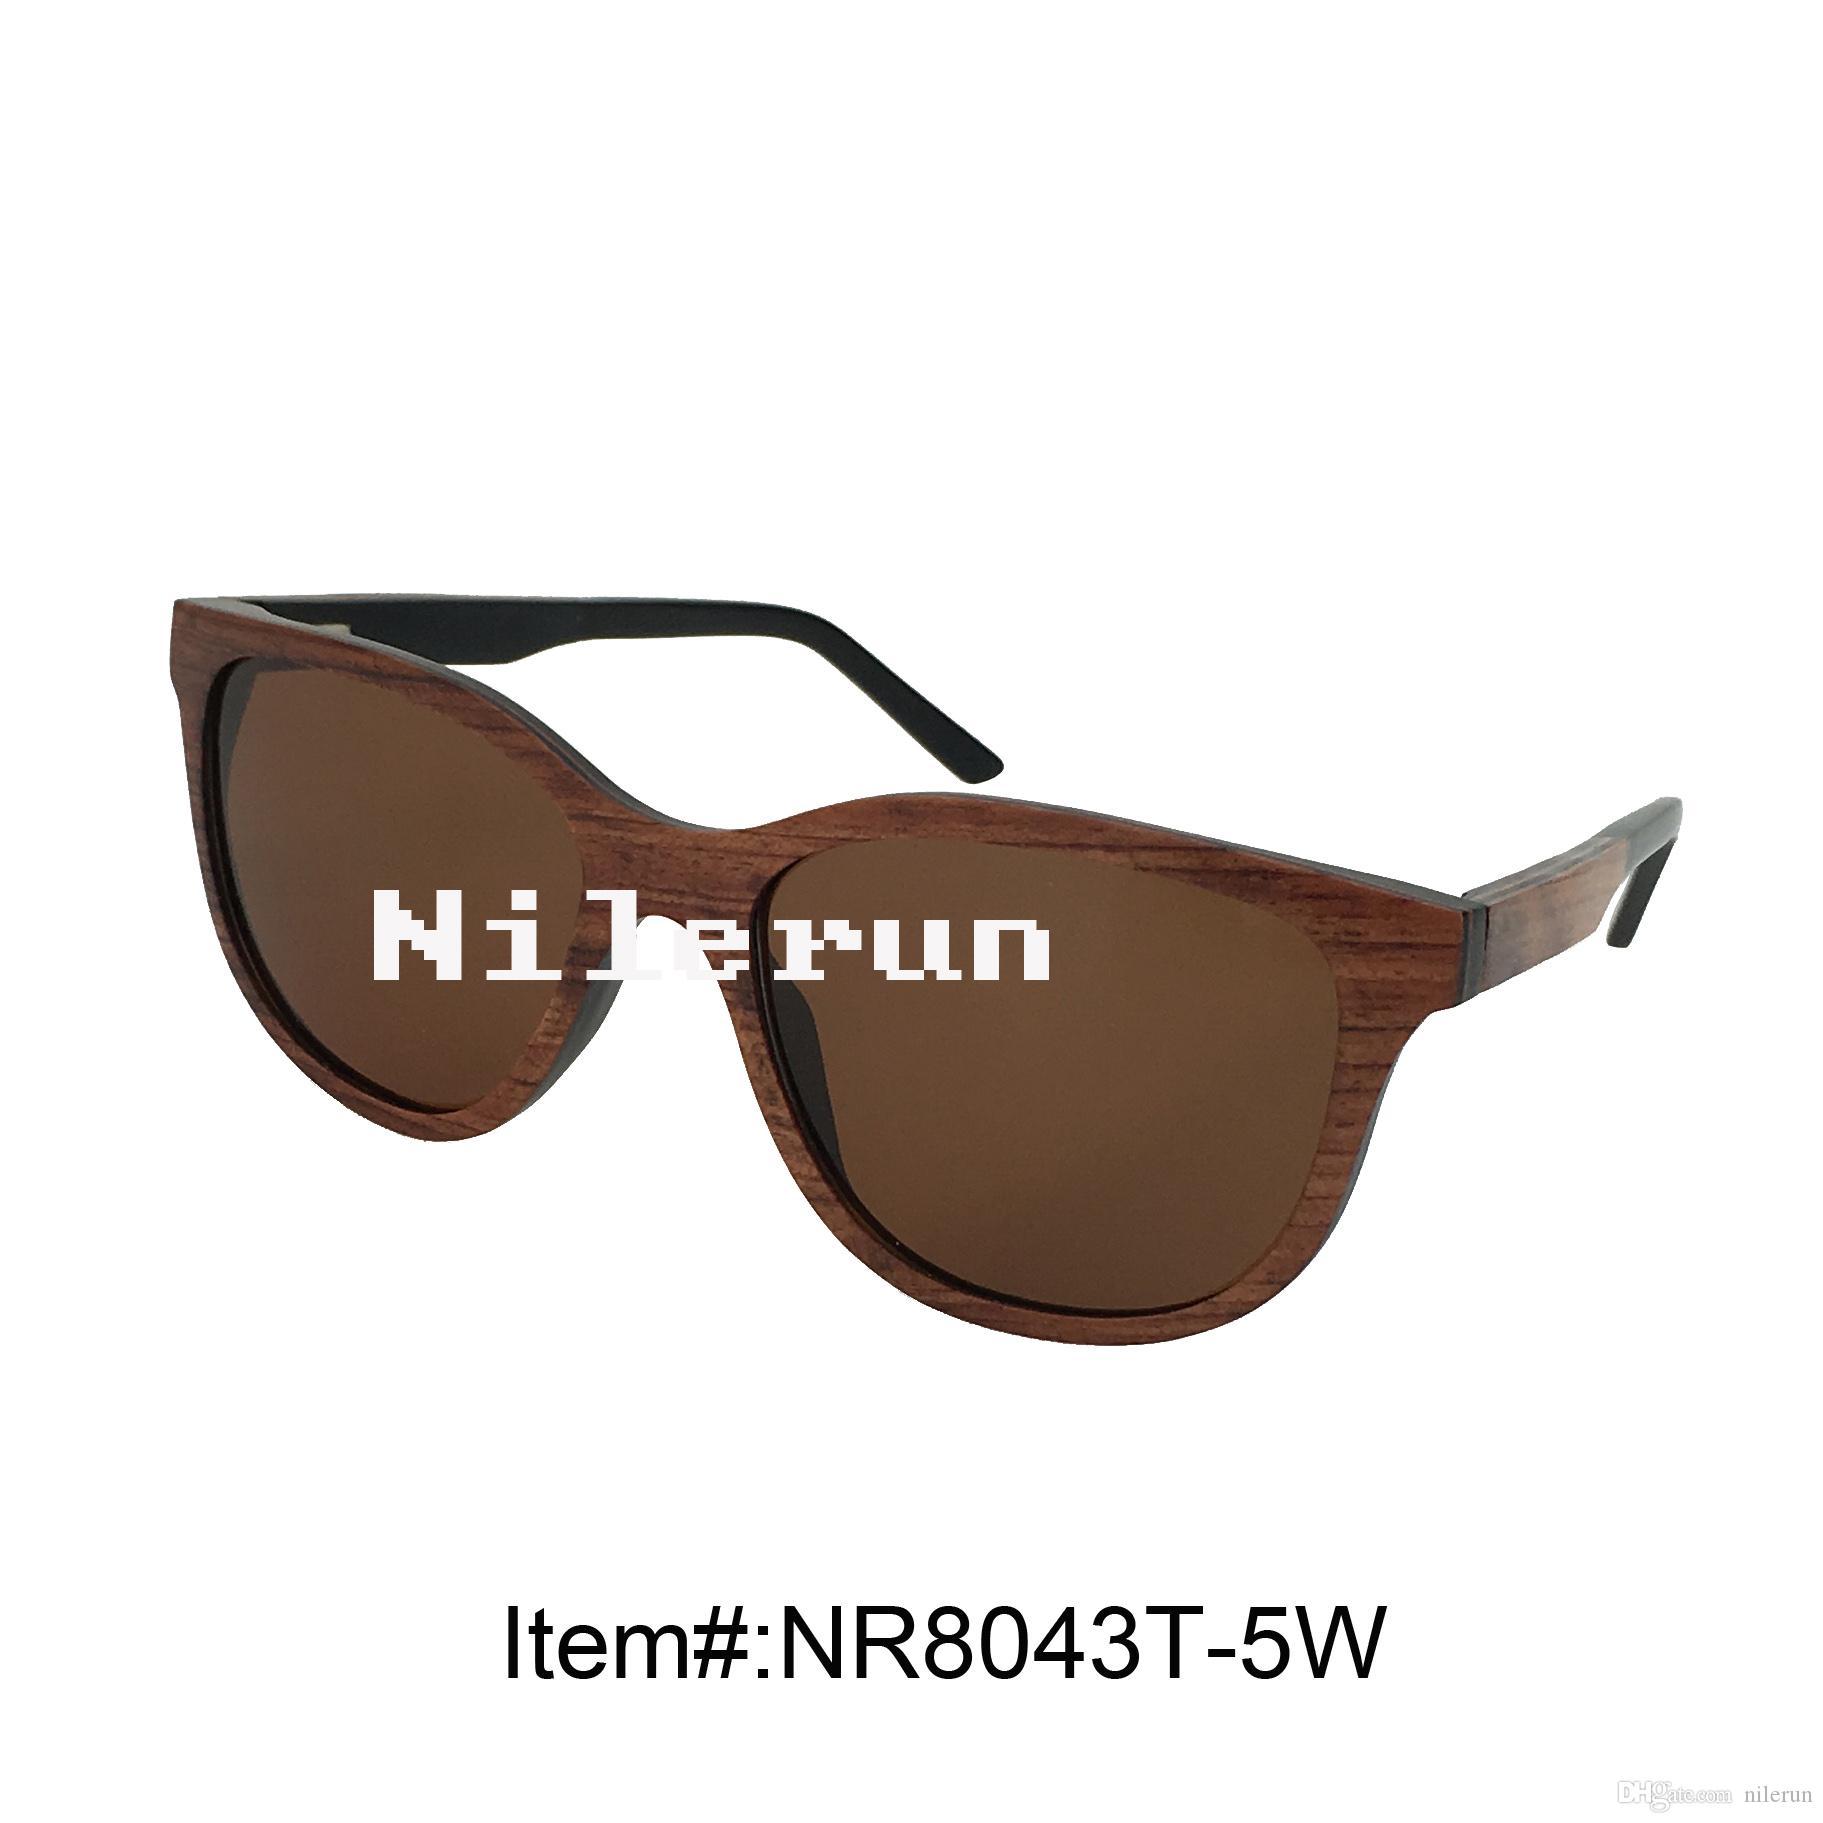 hochwertige große schmetterling geschichtete rote holz sonnenbrille mit UV400 braun polarisierten gläsern